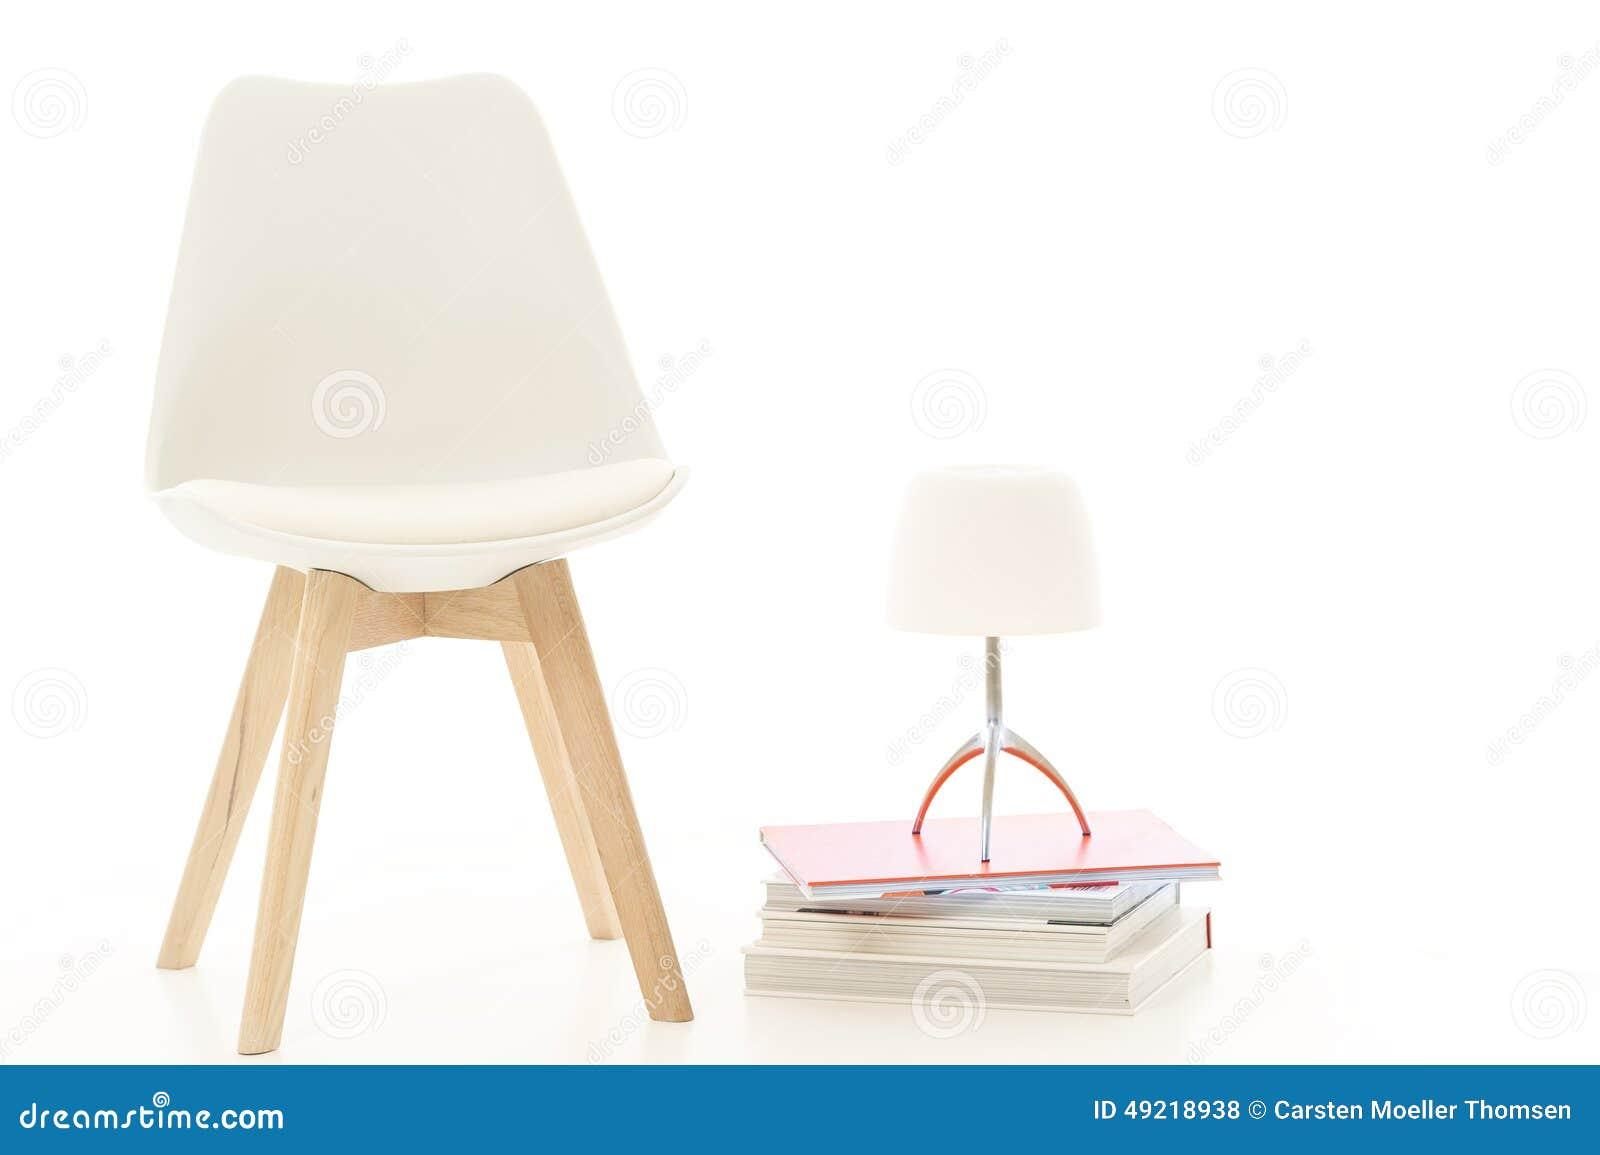 Moderner Weißer Stuhl Und Lampe Im Studio Stockfoto Bild Von